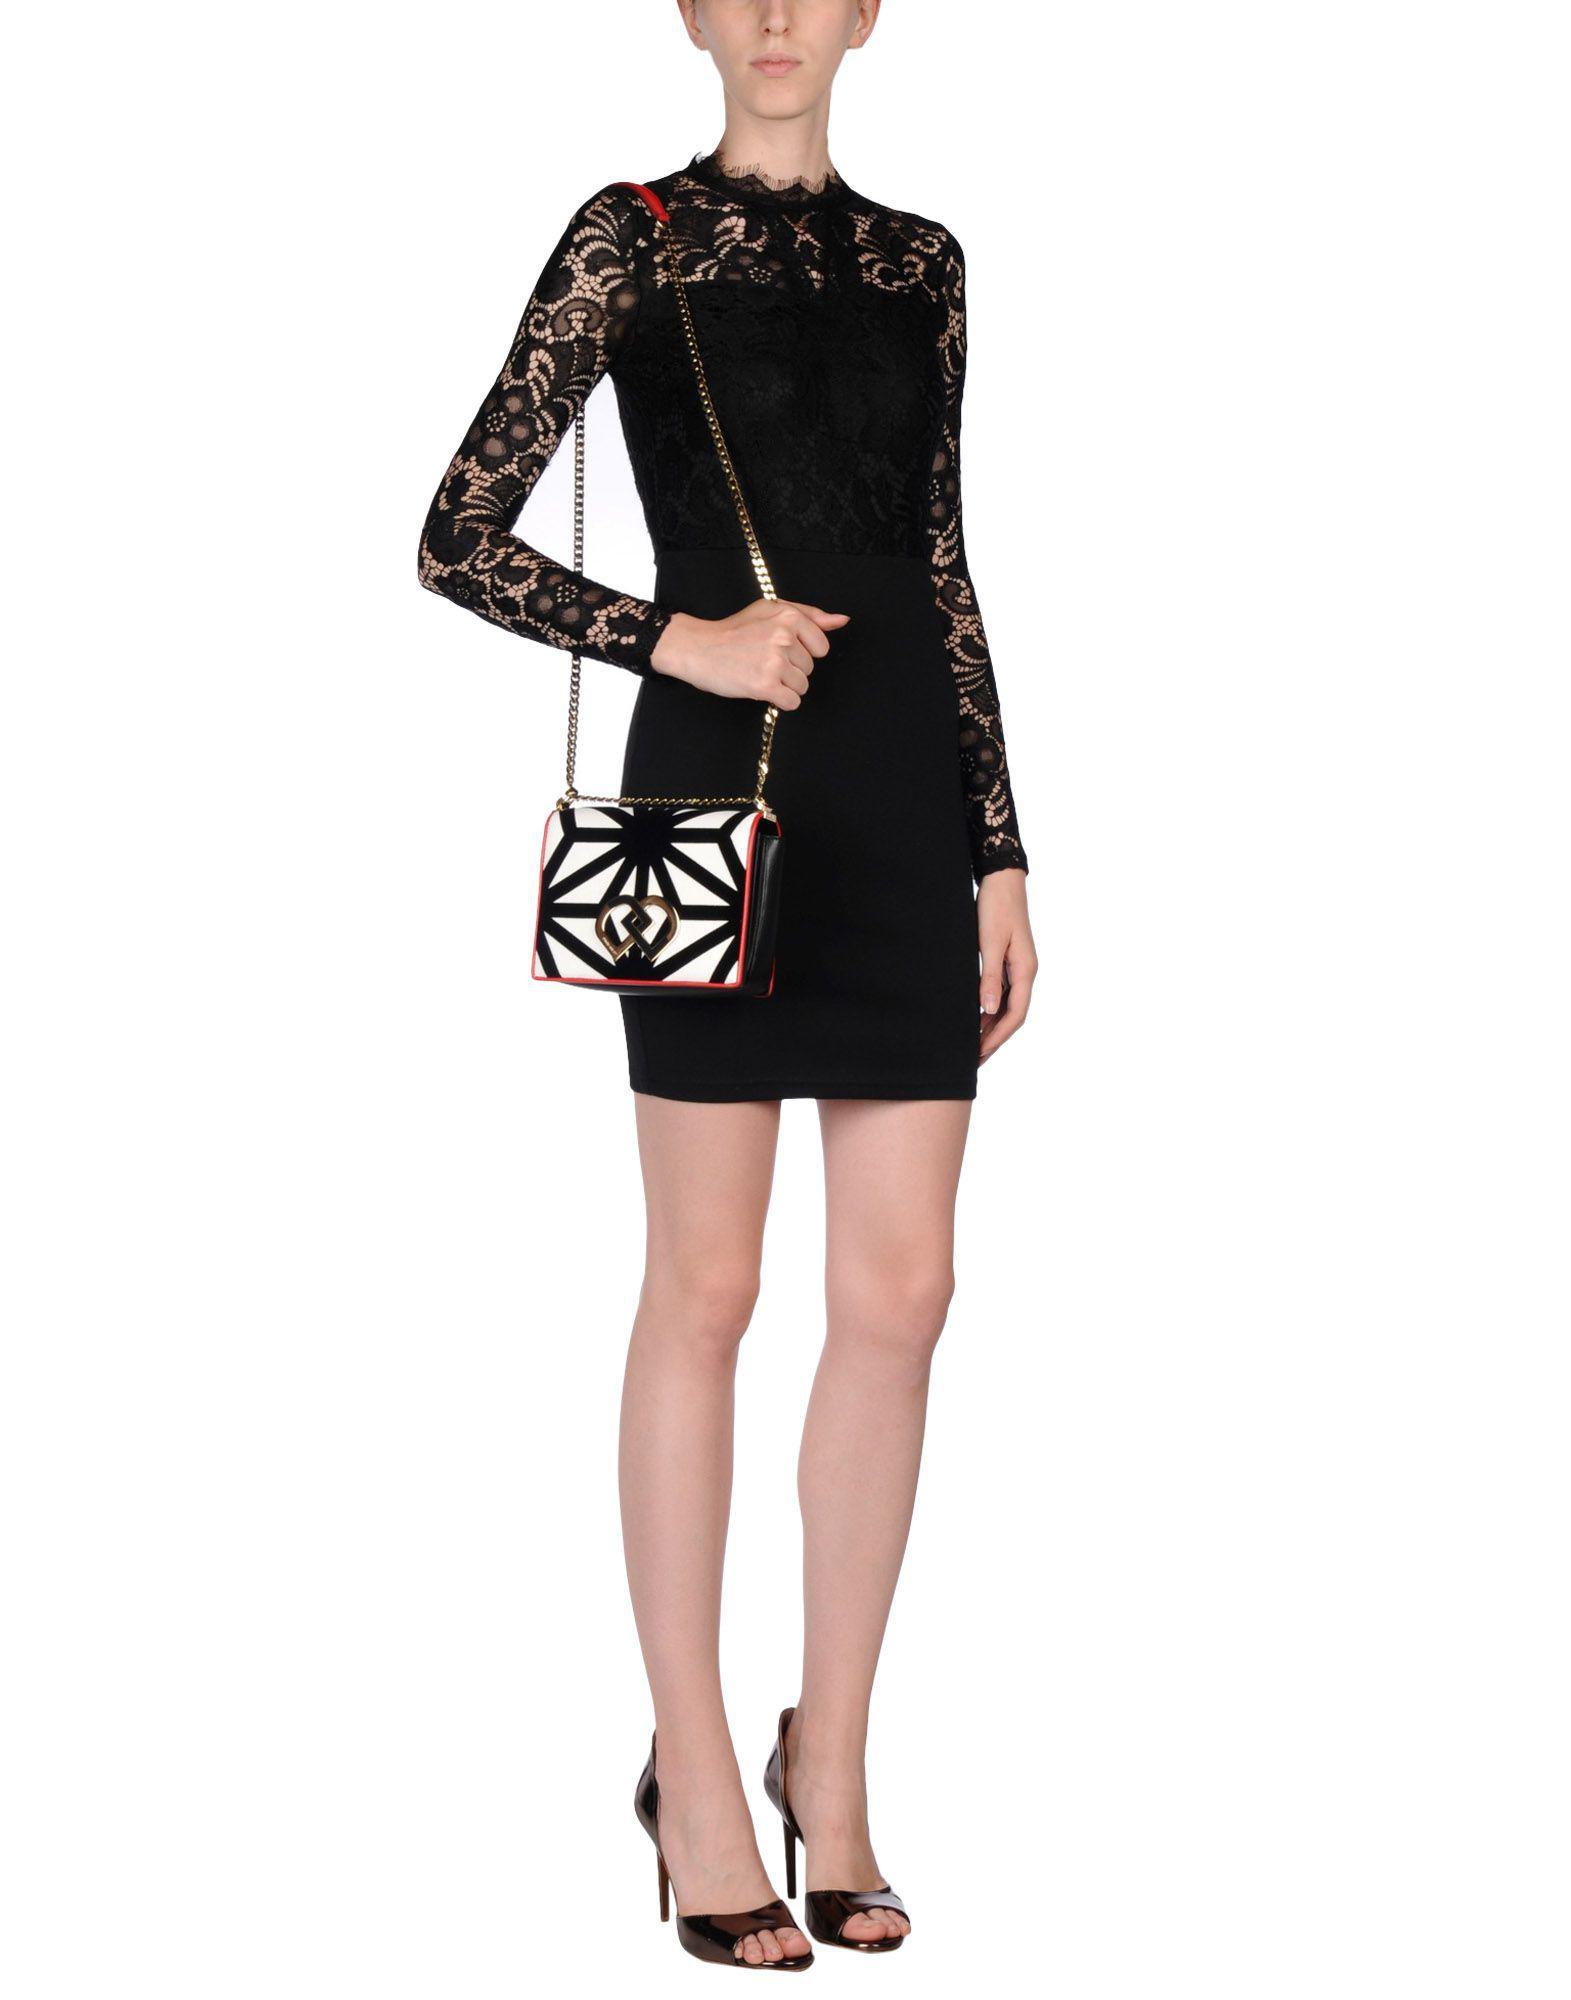 DSquared² Velvet Cross-body Bag in Black